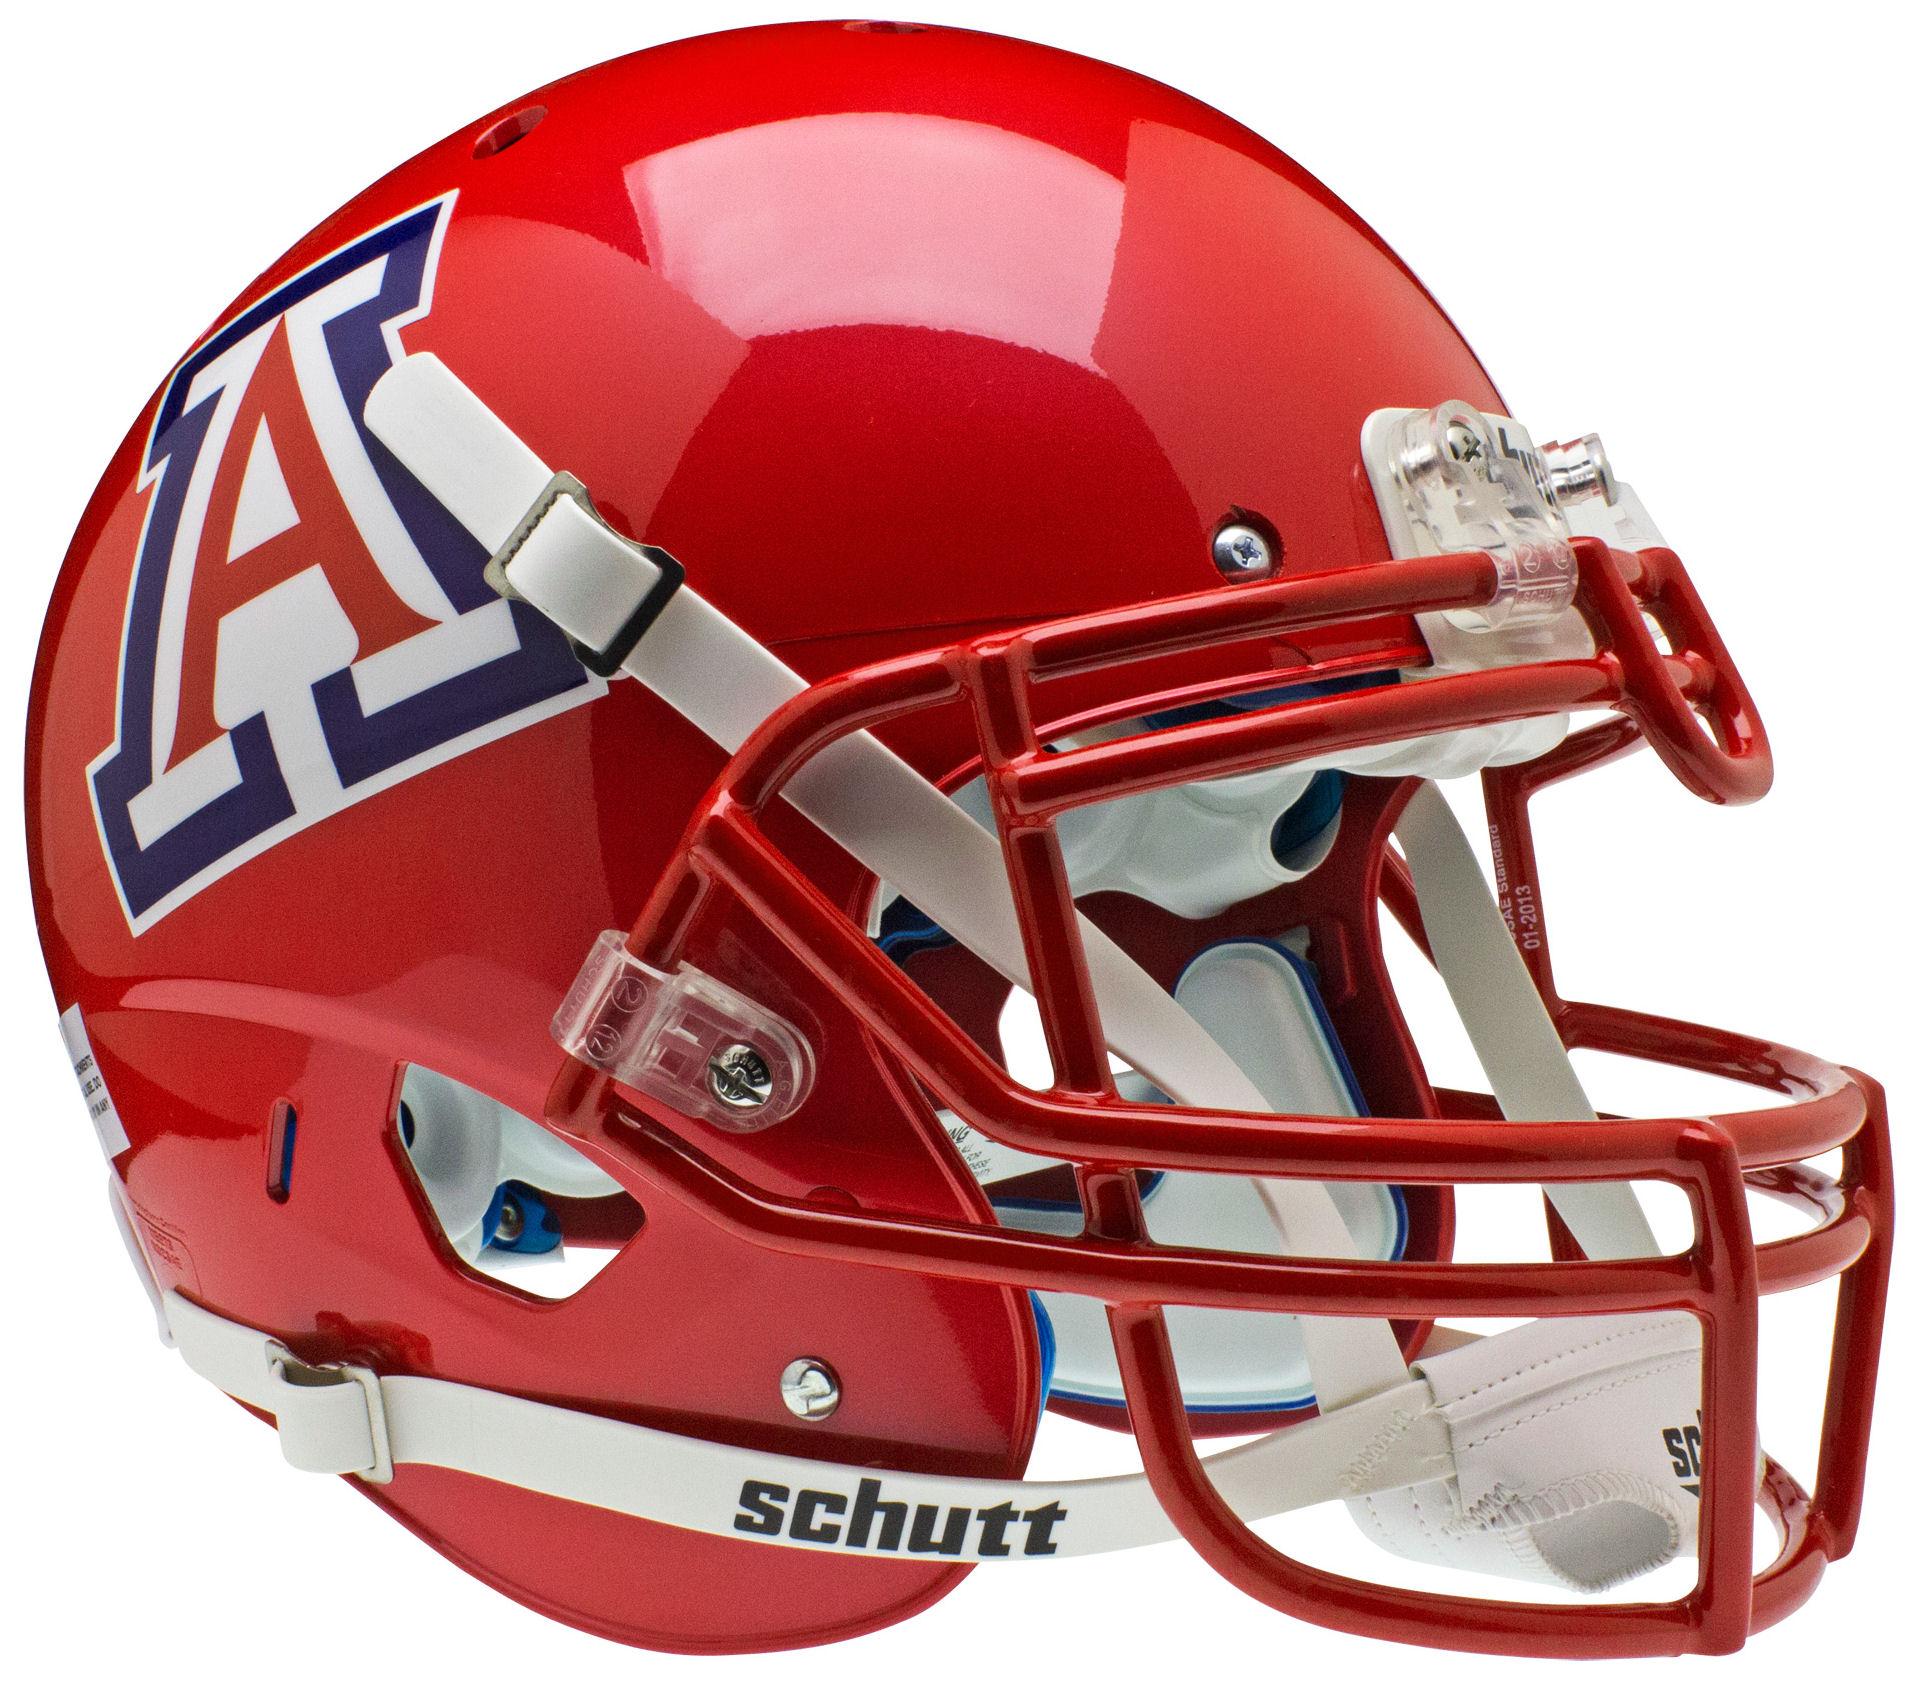 Arizona Wildcats Authentic College Xp Football Helmet Schutt Scarlet Football Helmets Wildcats Football Arizona Wildcats Football